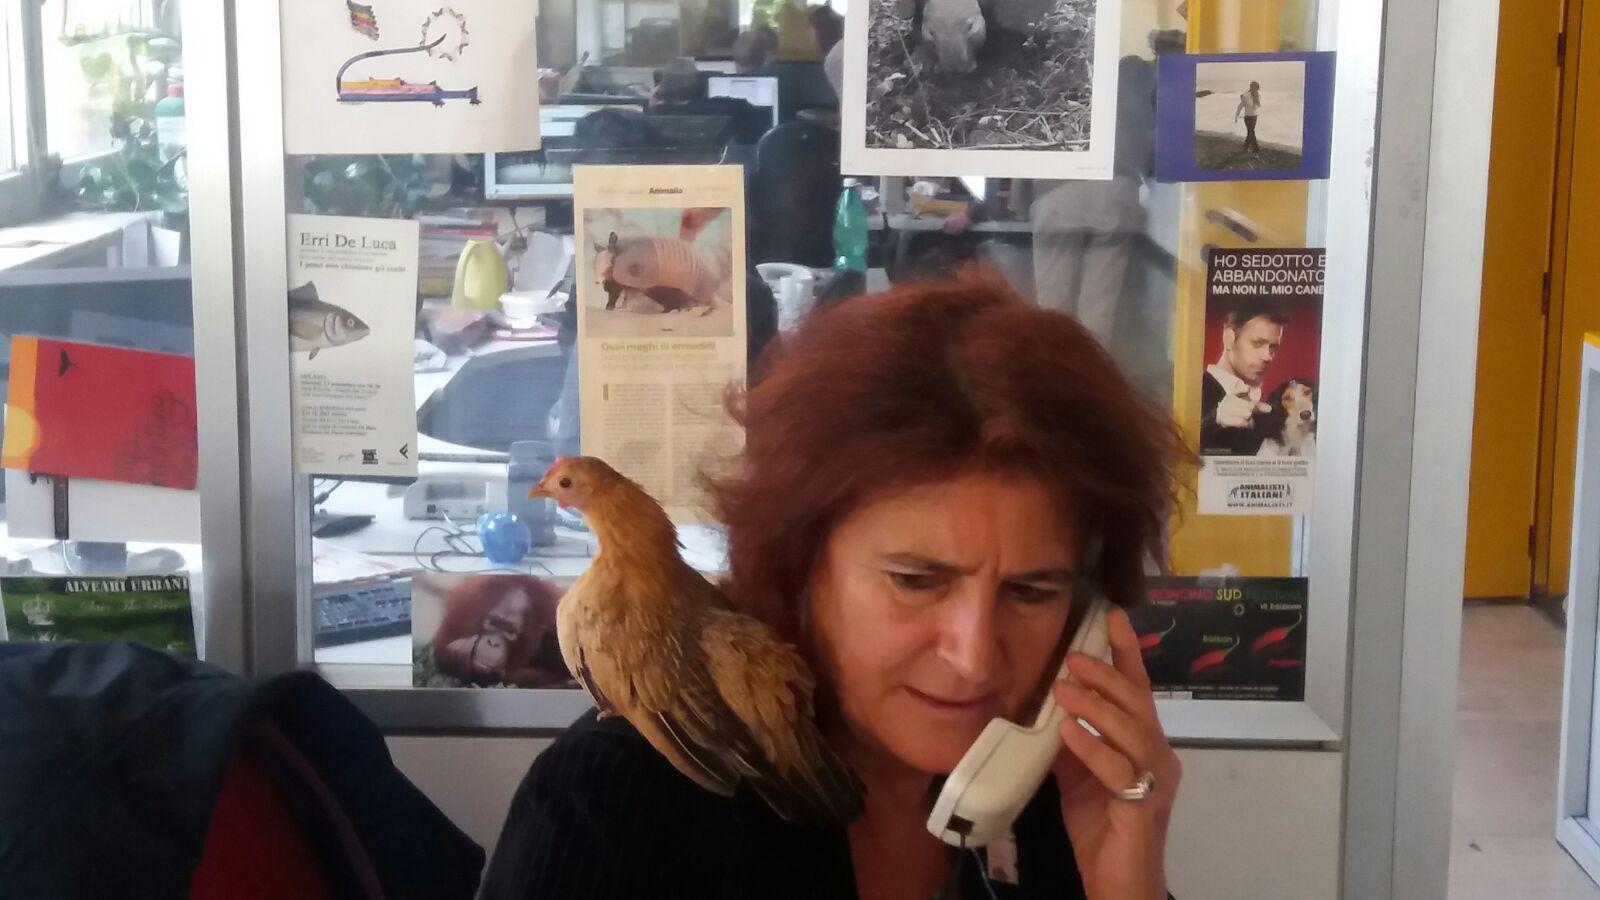 Cecilia Di Lieto al numero giallo